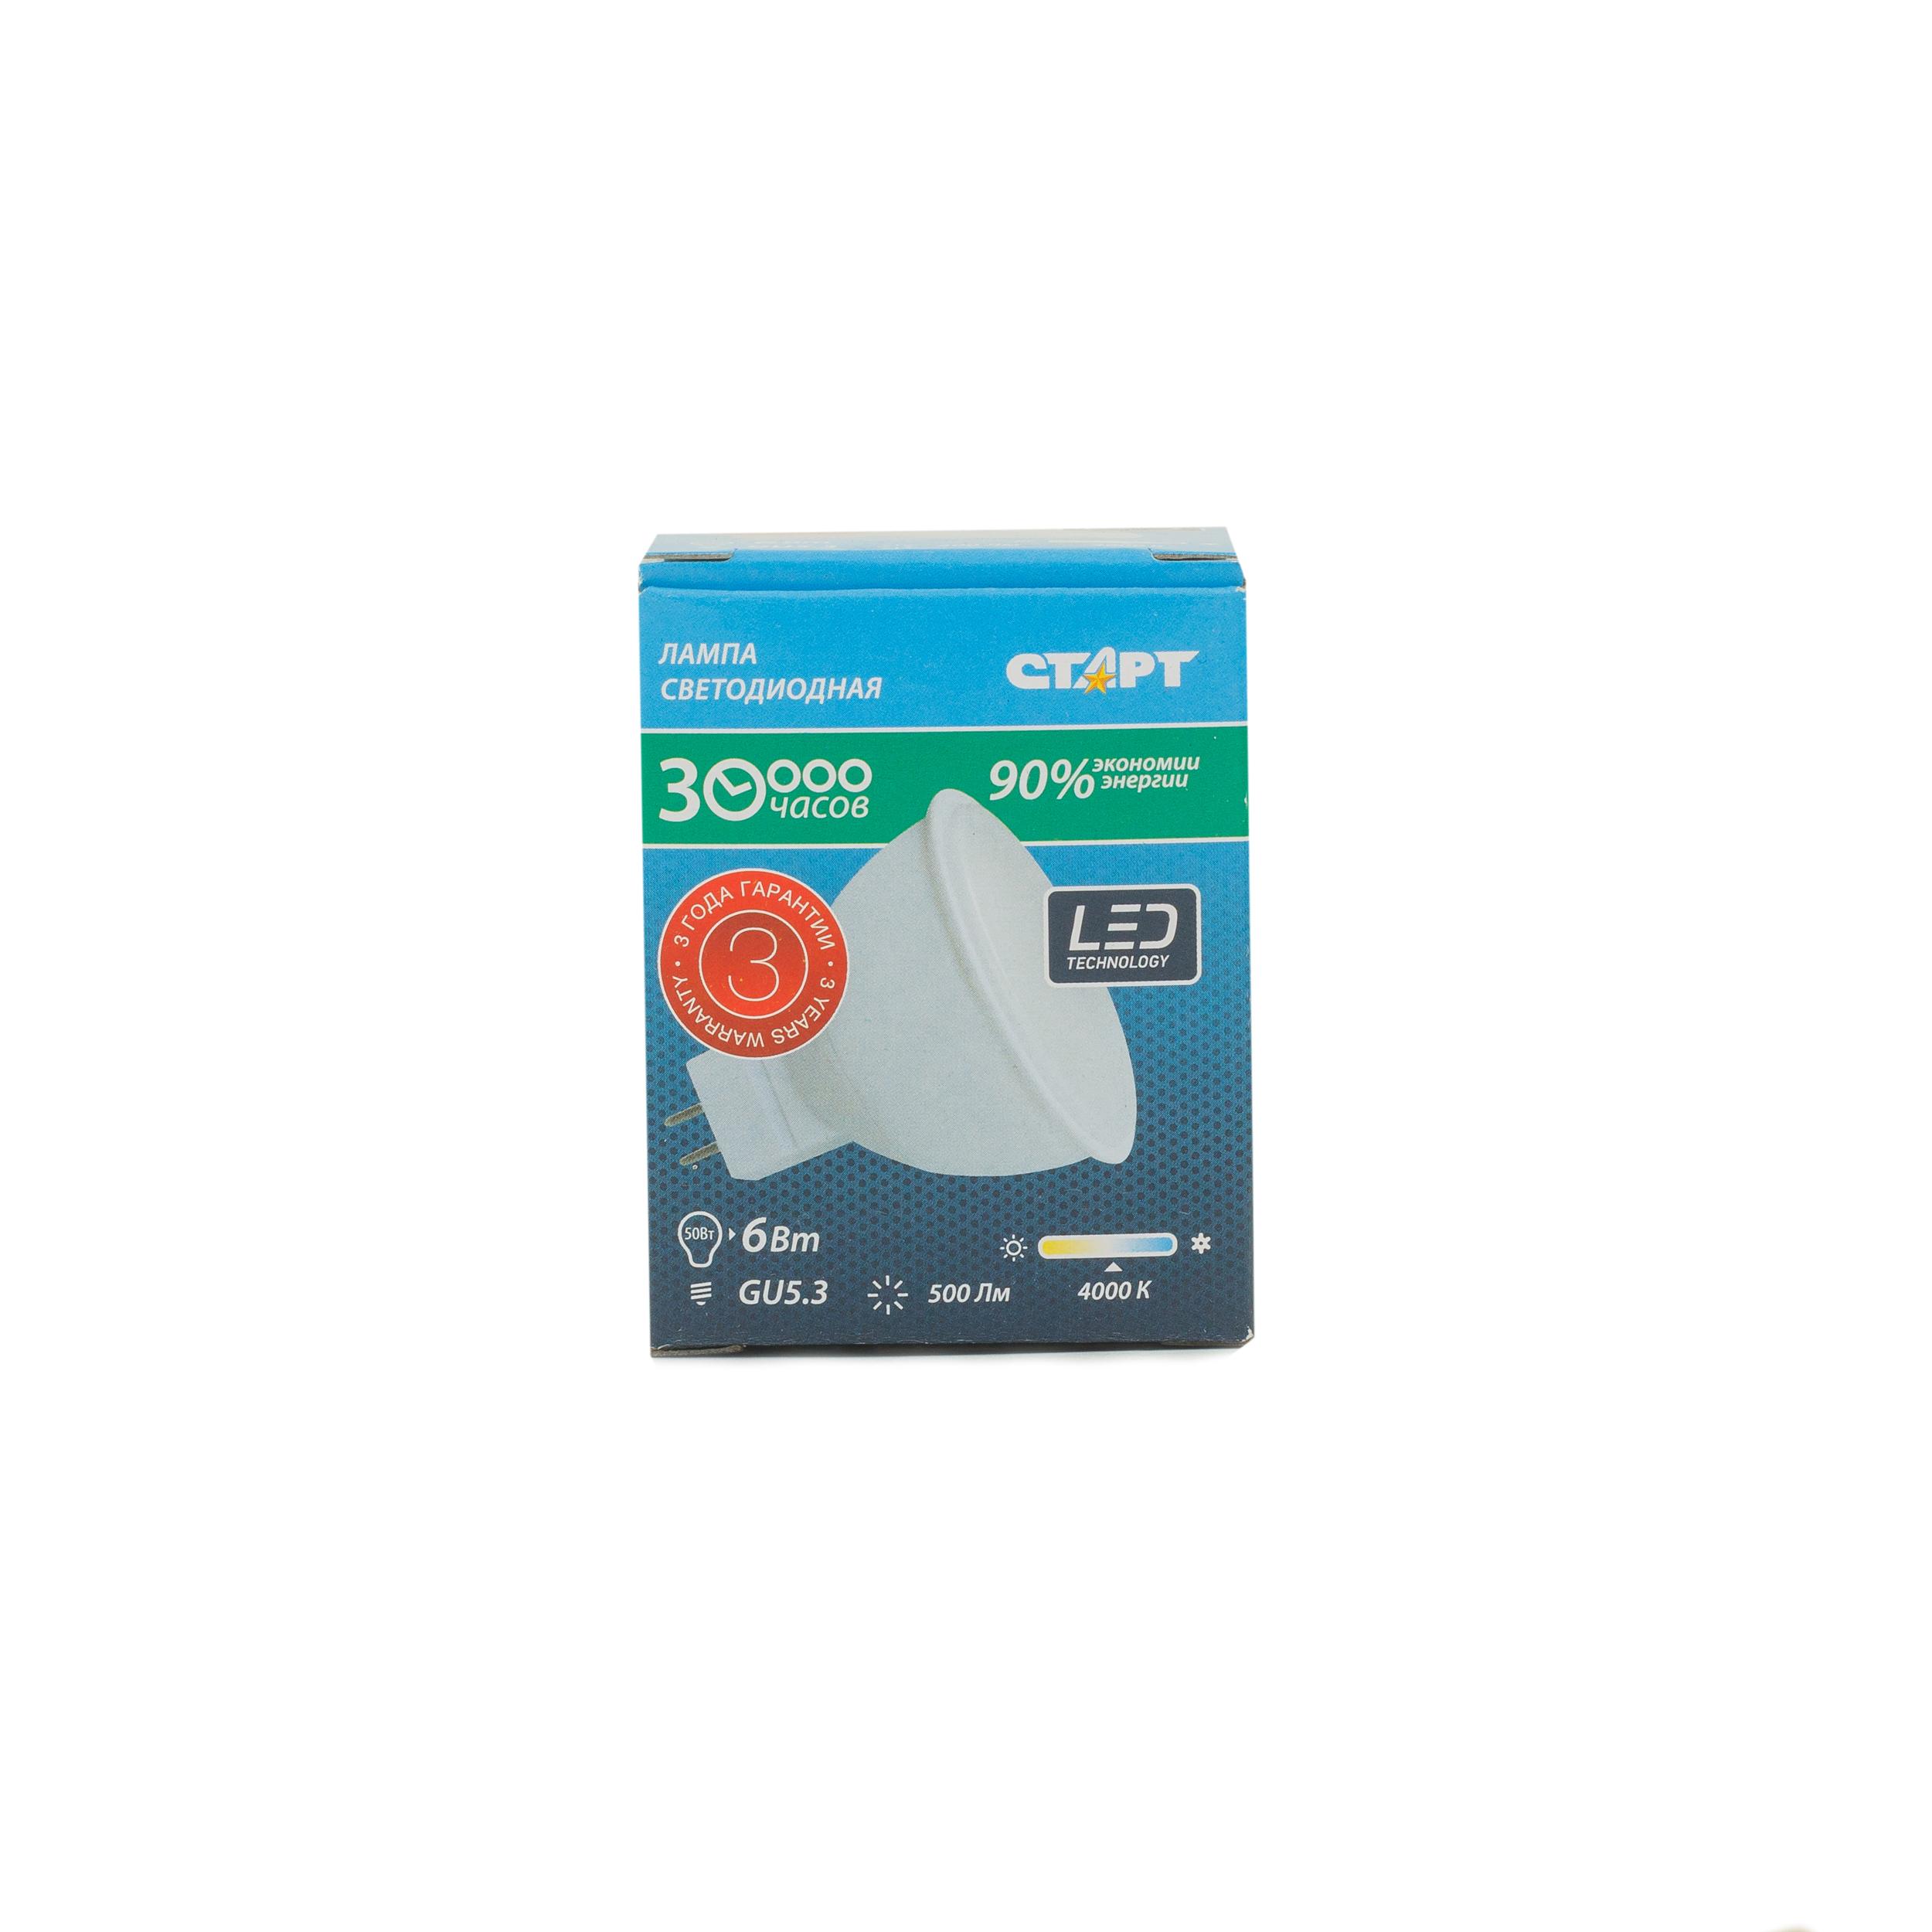 Лампа светодиодная СТАРТ GU5.3 12V 6W, холодный свет арт.СТАРТ LEDGU5.3 12V 6W40 фото